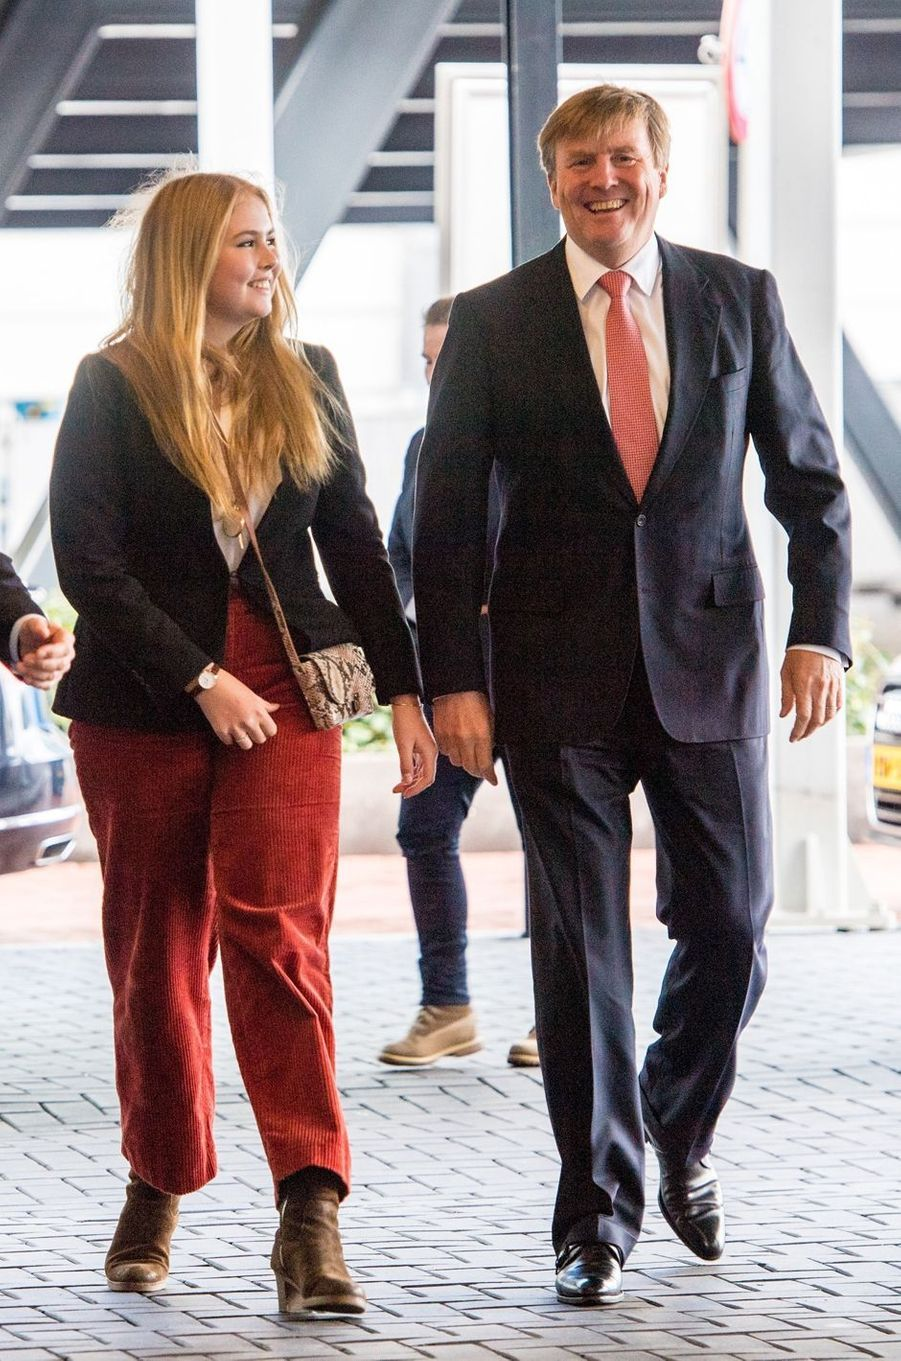 La princesse héritière Catharina-Amalia et le roi Willem-Alexander des Pays-Bas à Amsterdam, le 27 janvier 2019